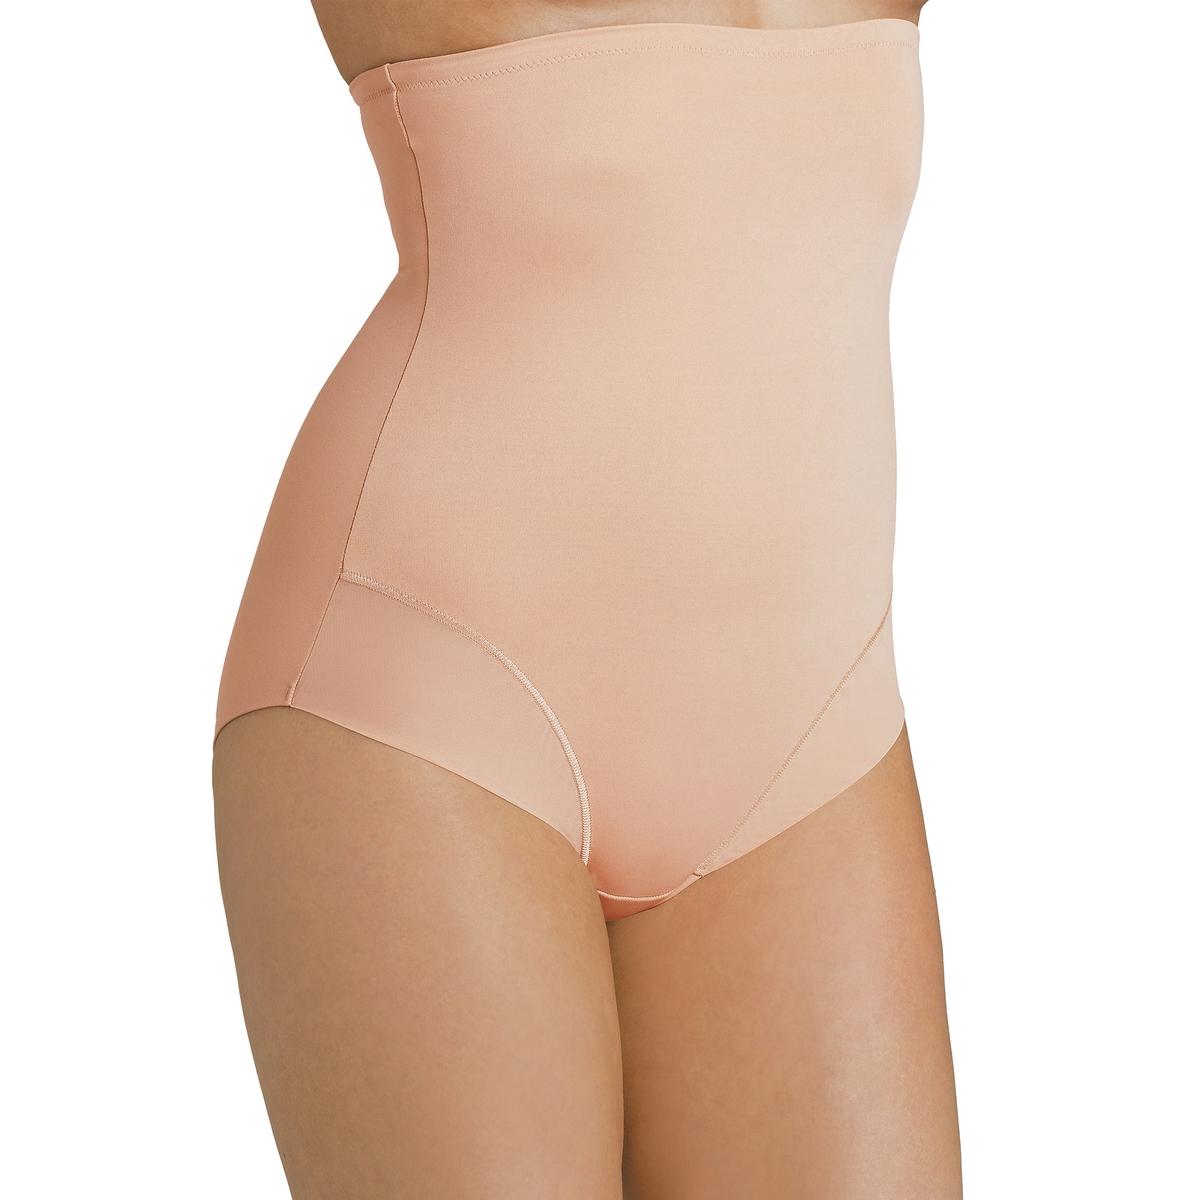 Трусы корсетные, моделирующие TRUE SHAPE SENSATIONИдеально подойдут под облегающее платье или брюки. Широкий пояс из эластичного тюля с прозрачным эффектом. Бесшовная отделка. Присборенный шов сзади. Ластовица на подкладке из хлопка.Состав и описаниеМатериал : 51% полиамида, 45% эластана, 4% полиэстераМарка :  TRIUMPHУходСтирка при 30° предпочтительно в мешке-сеткеСтирать с одеждой подобных цветовСтирка, сушка и глажка с изнаночной стороны.<br><br>Цвет: песочный,черный<br>Размер: 44 (FR) - 50 (RUS).46 (FR) - 52 (RUS).44 (FR) - 50 (RUS)